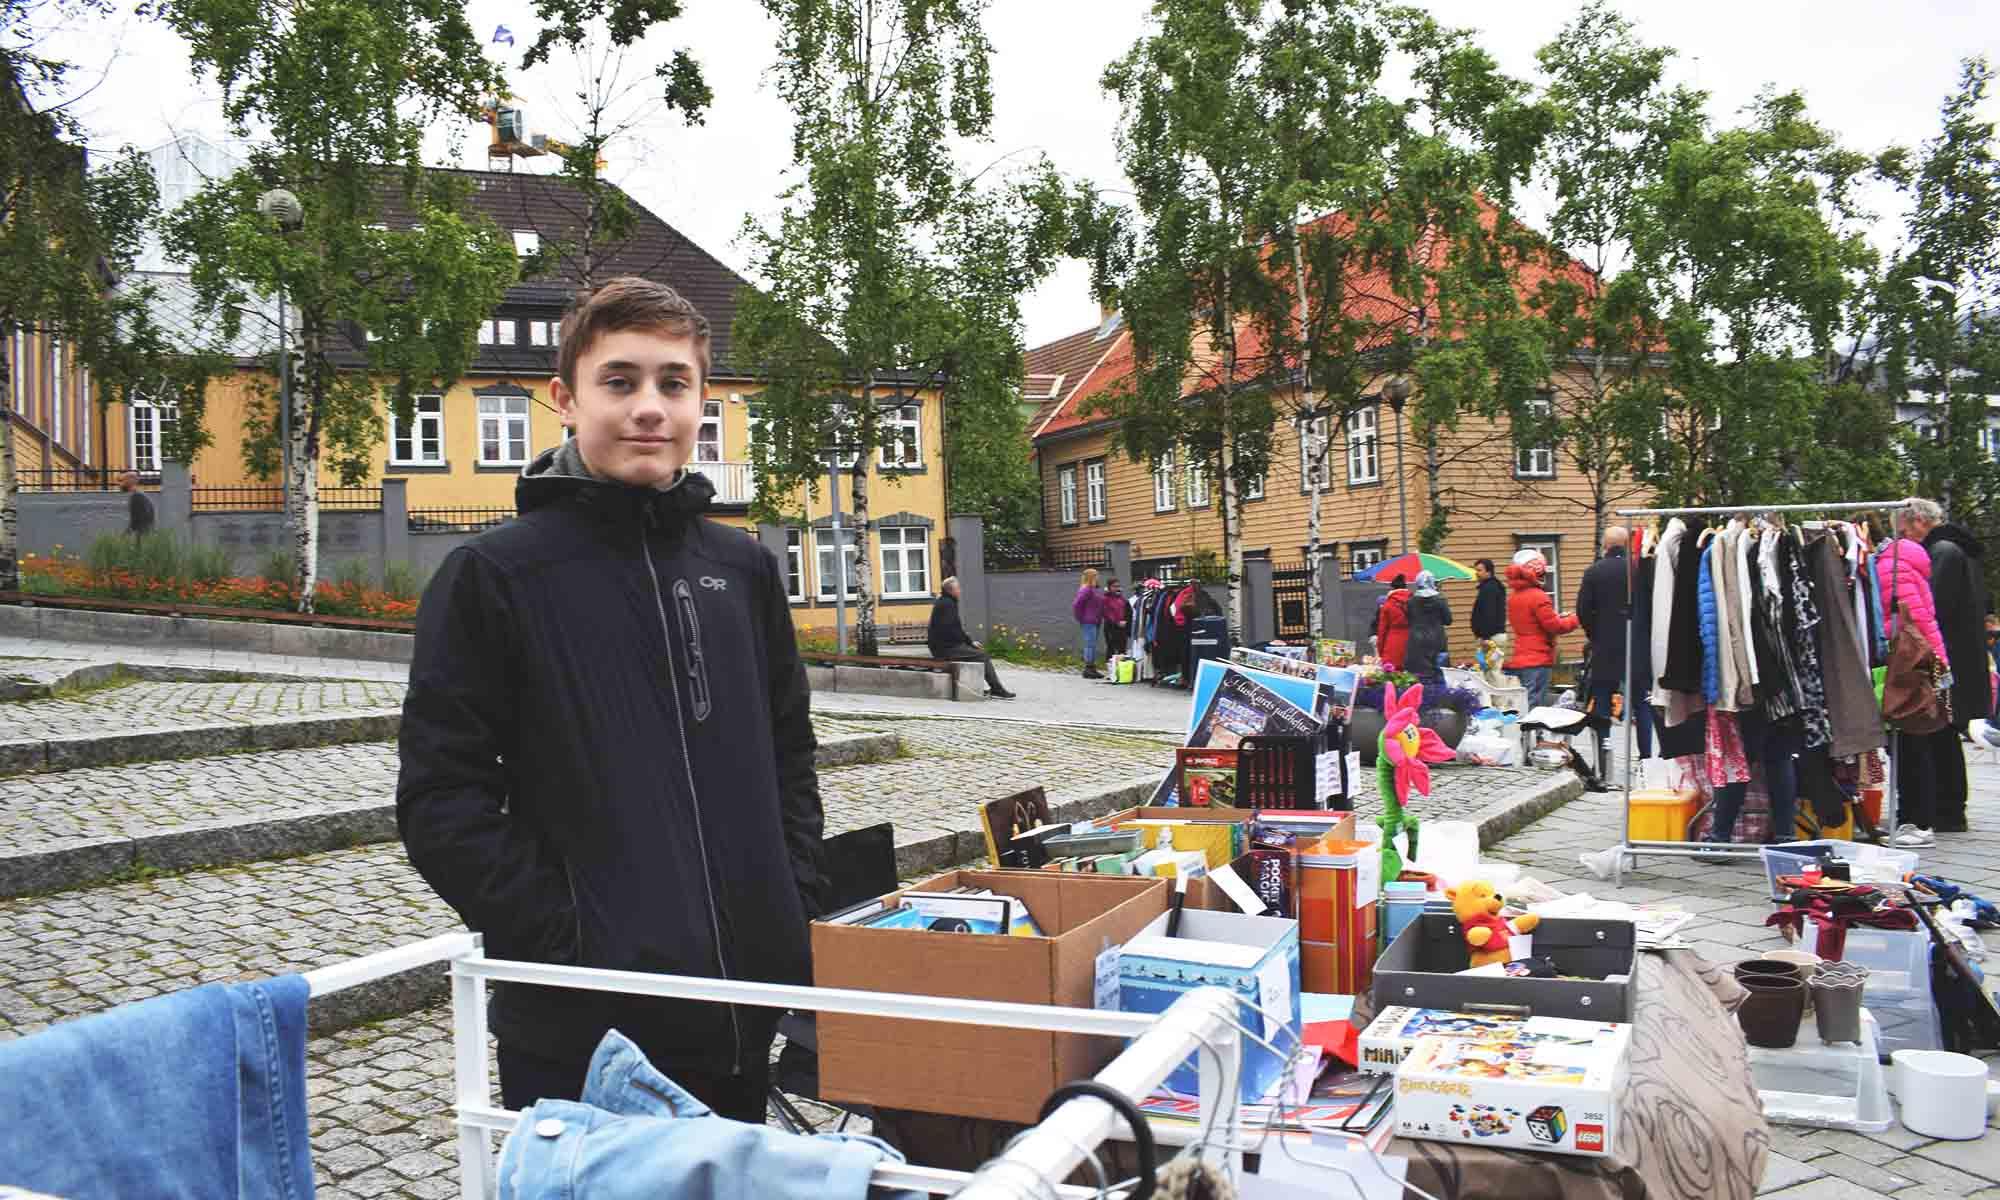 Andreas Nordmo fra Kvaløya har etablert seg med egen bod på Bruktmarkedet i Tromsø i juli 2019.